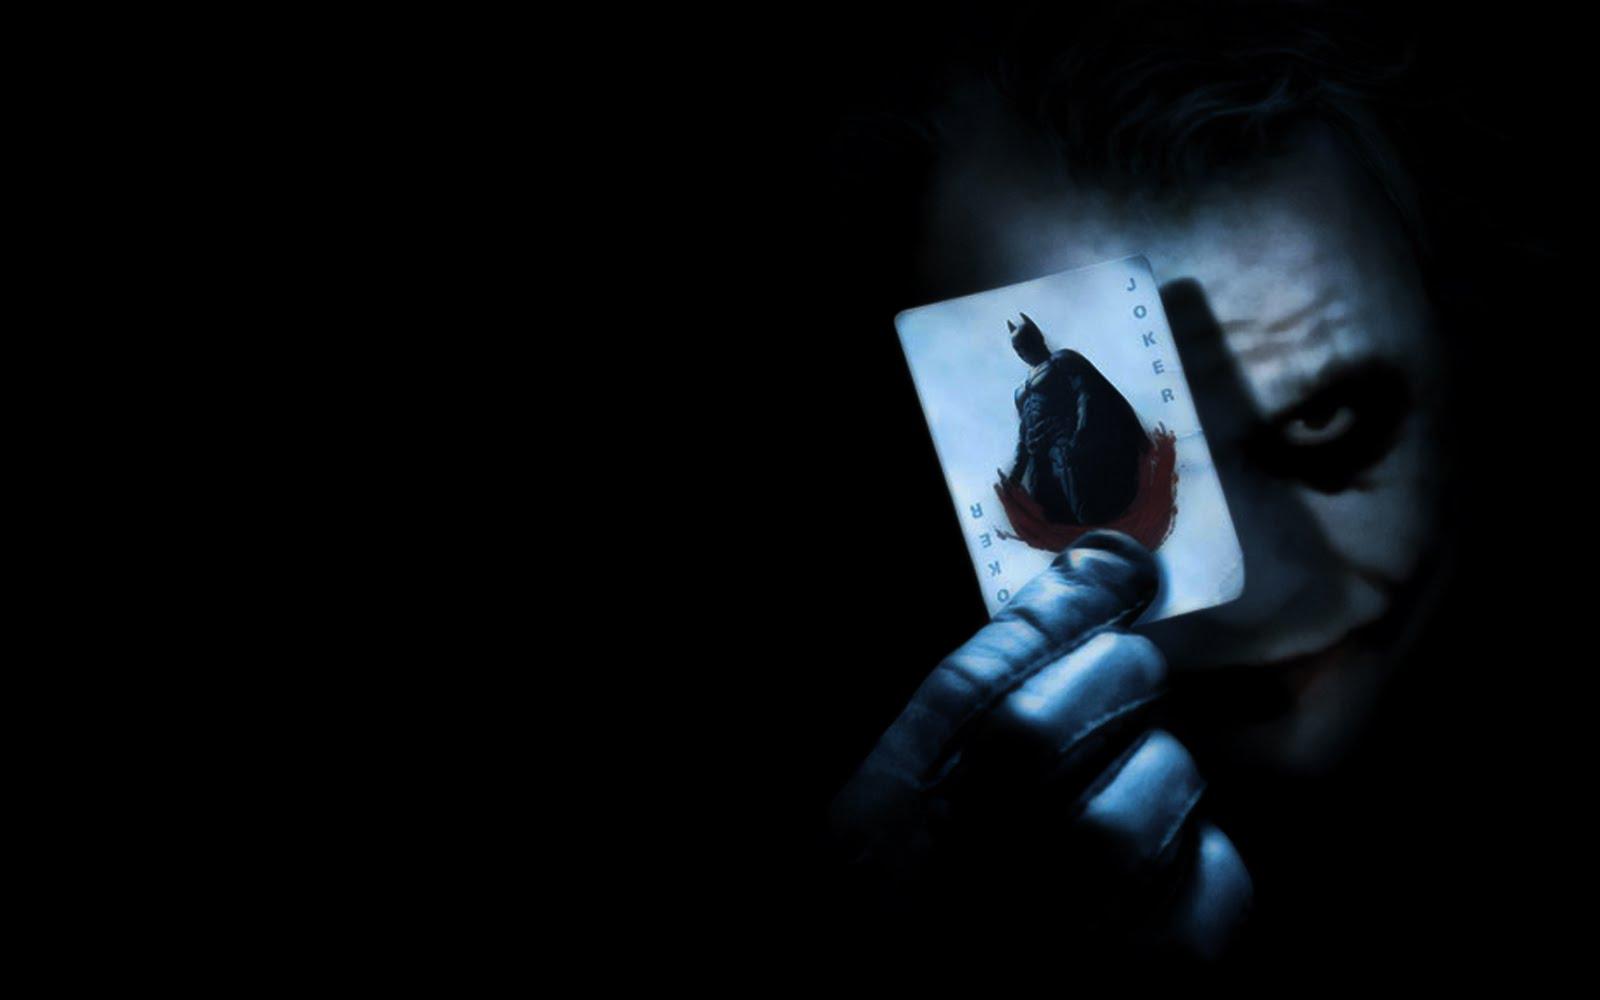 http://4.bp.blogspot.com/-oBoj6MPgsSA/TY7WDHM_KII/AAAAAAAAAL4/5bX_9F9HR8c/s1600/batman_poster1b.jpg